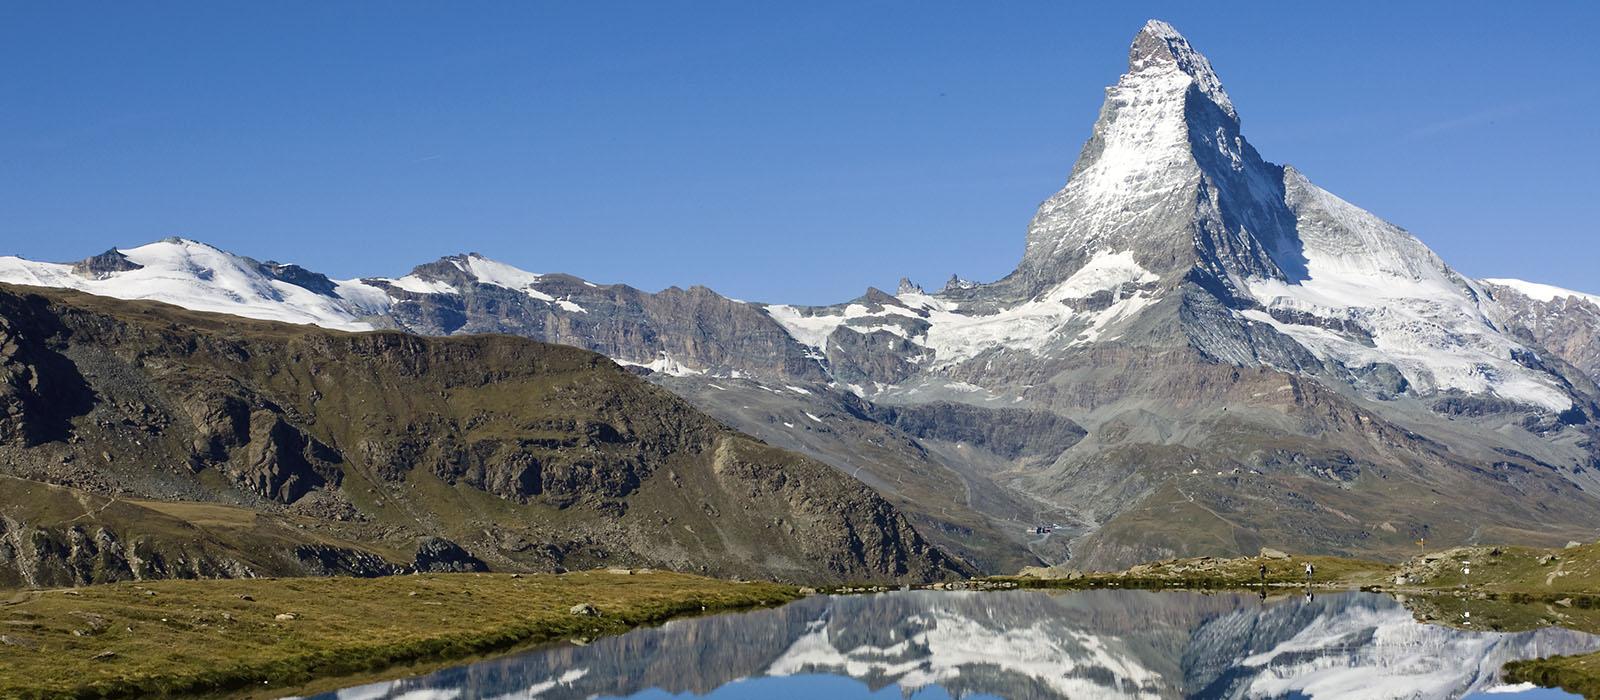 Obytňákem pod majestátní čtyřtisícovky švýcarského kantonu Valais